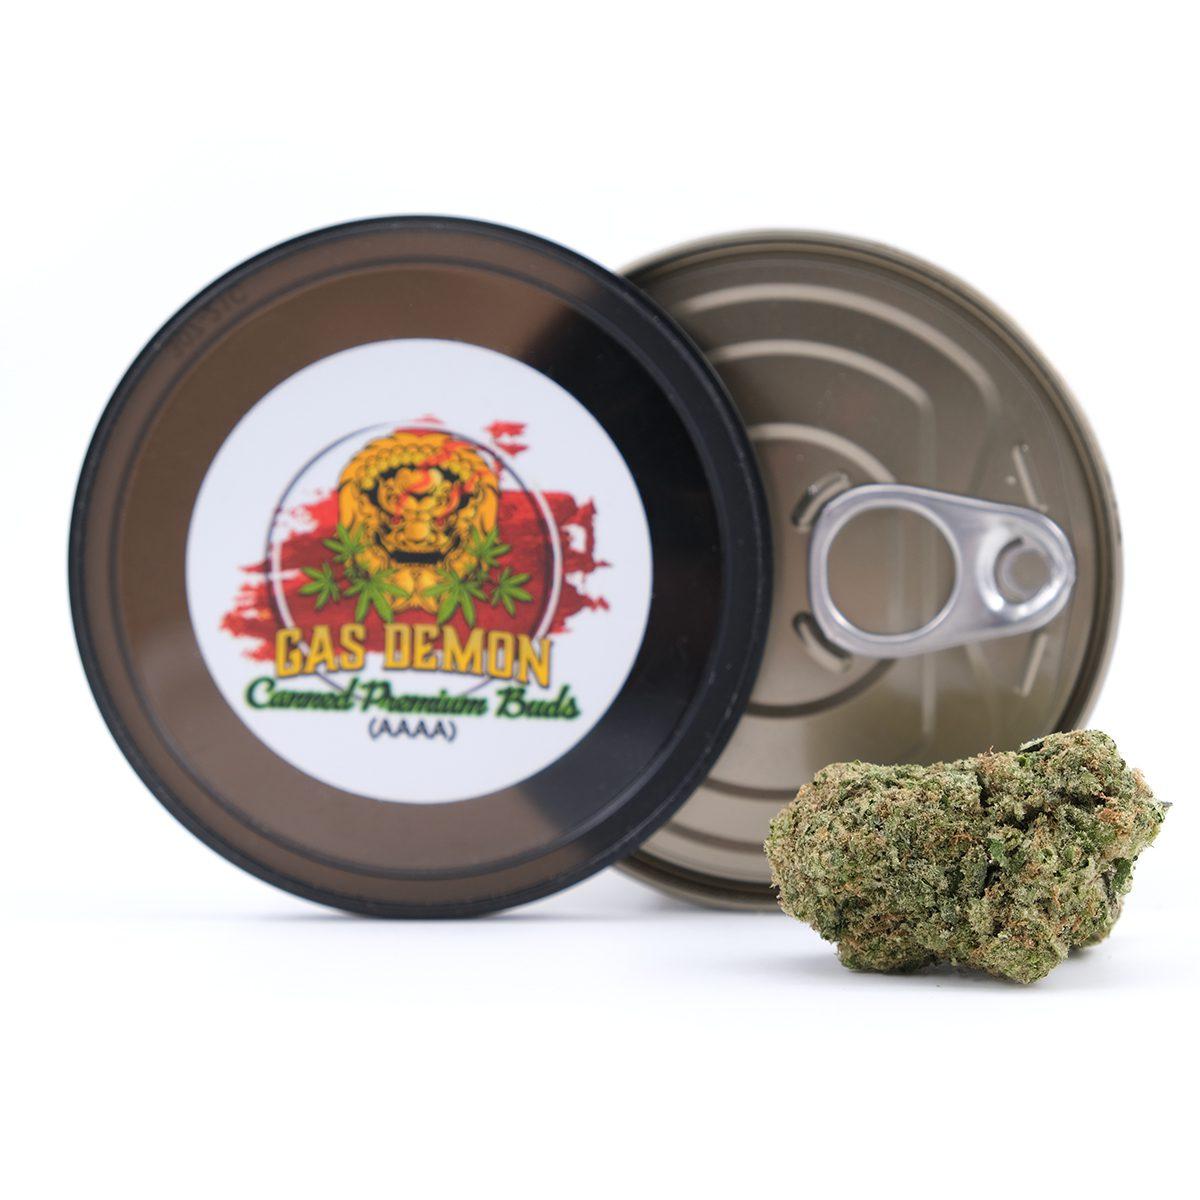 Peyote Cookies By Gas Demon (AAAA)